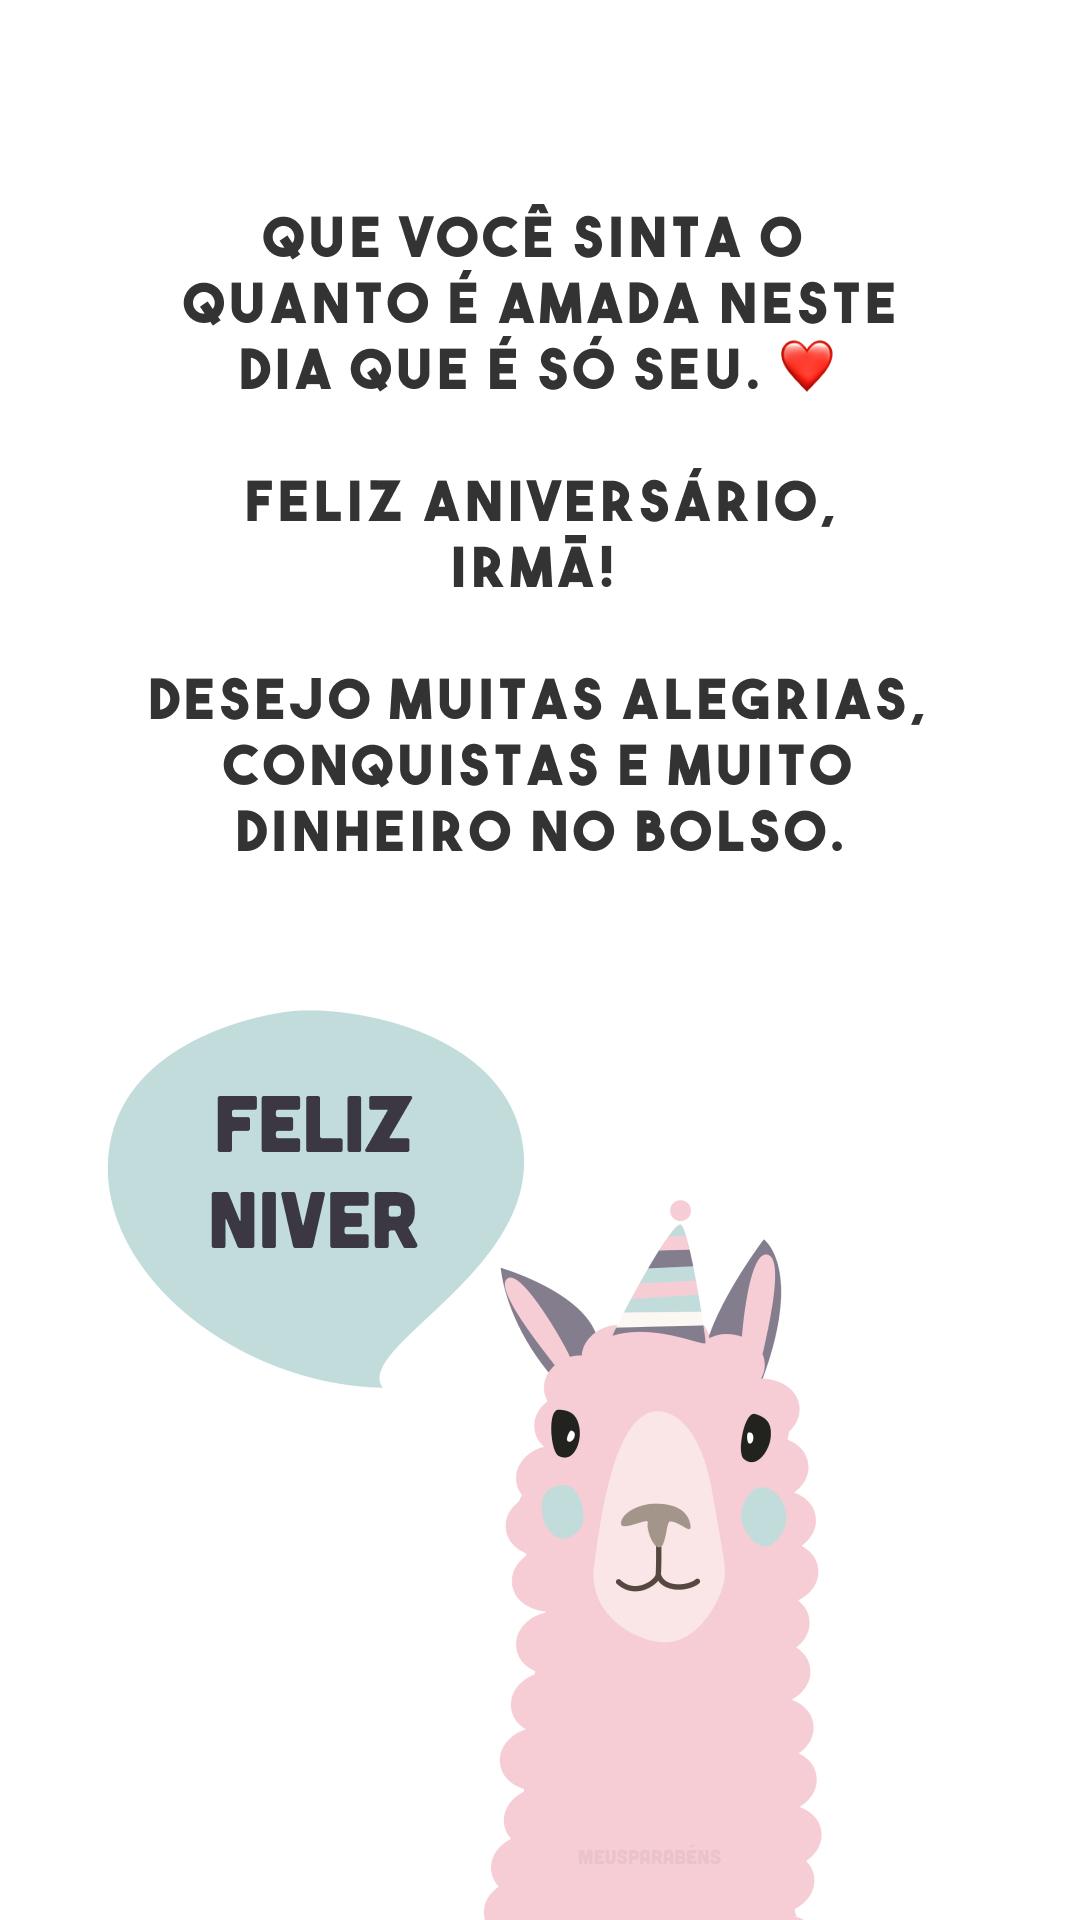 Que você sinta o quanto é amada neste dia que é só seu. ❤️ Feliz aniversário, irmã! Desejo muitas alegrias, conquistas e muito dinheiro no bolso.